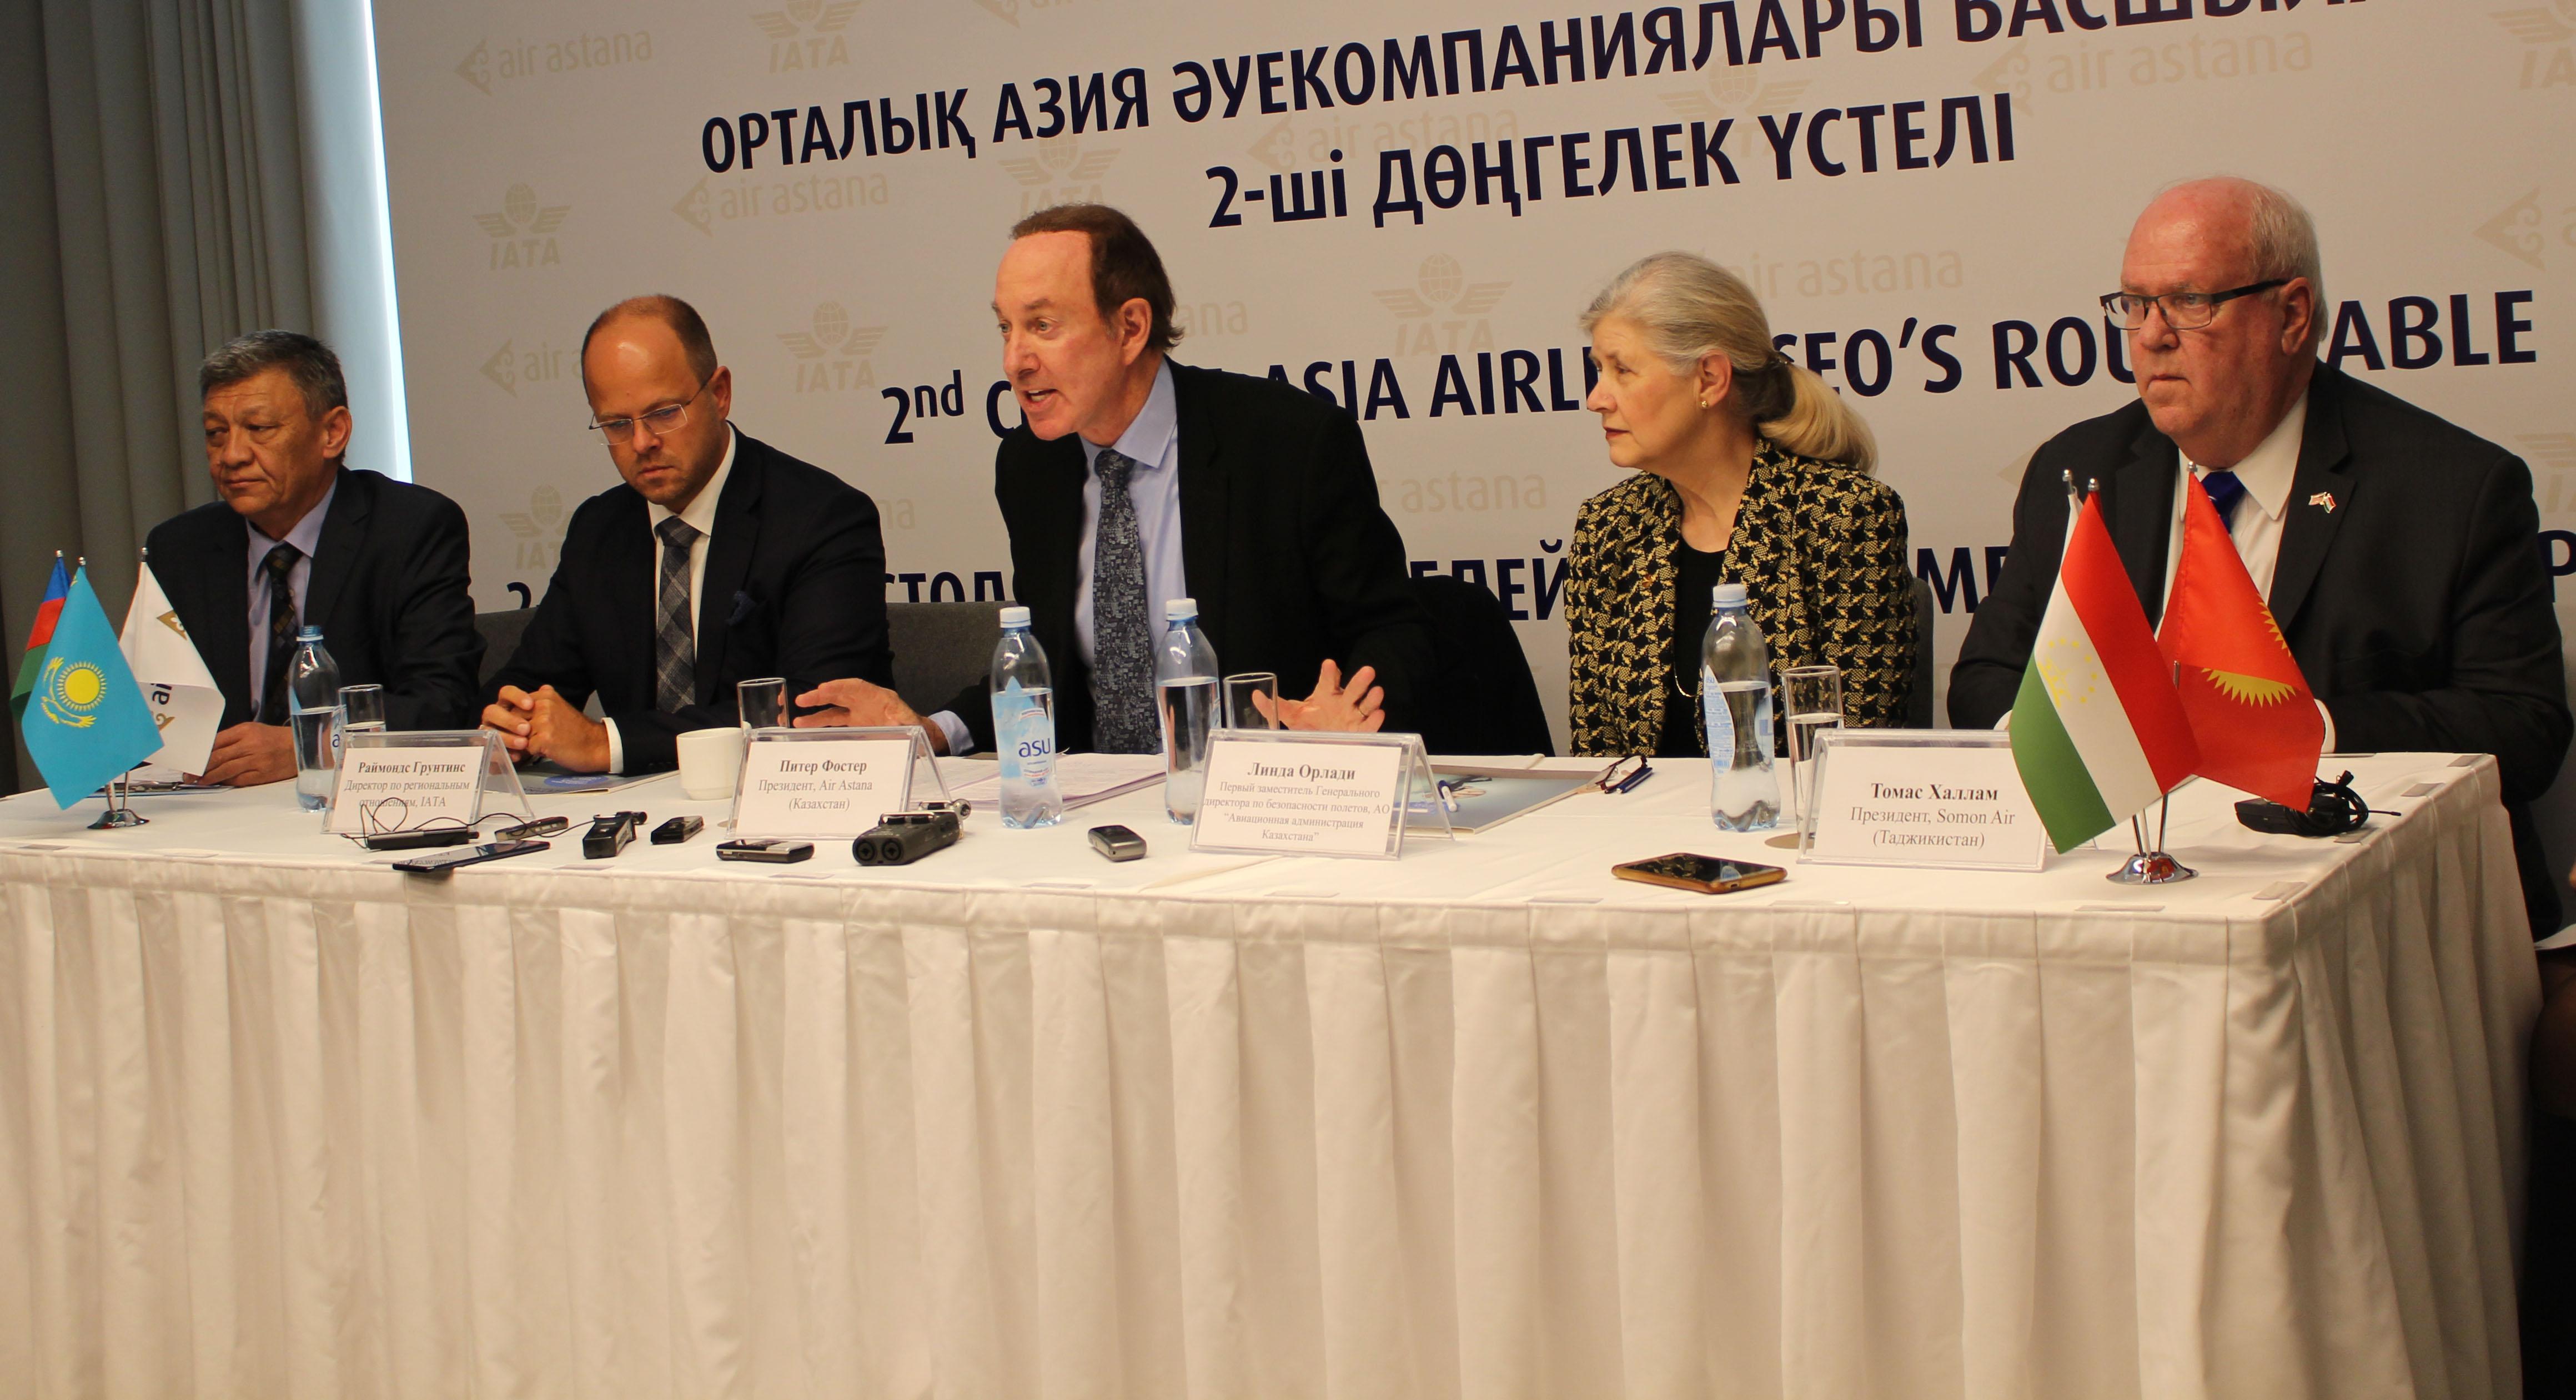 Дороже, чем в Германии: эксперты IATA дали оценку авиации Казахстана